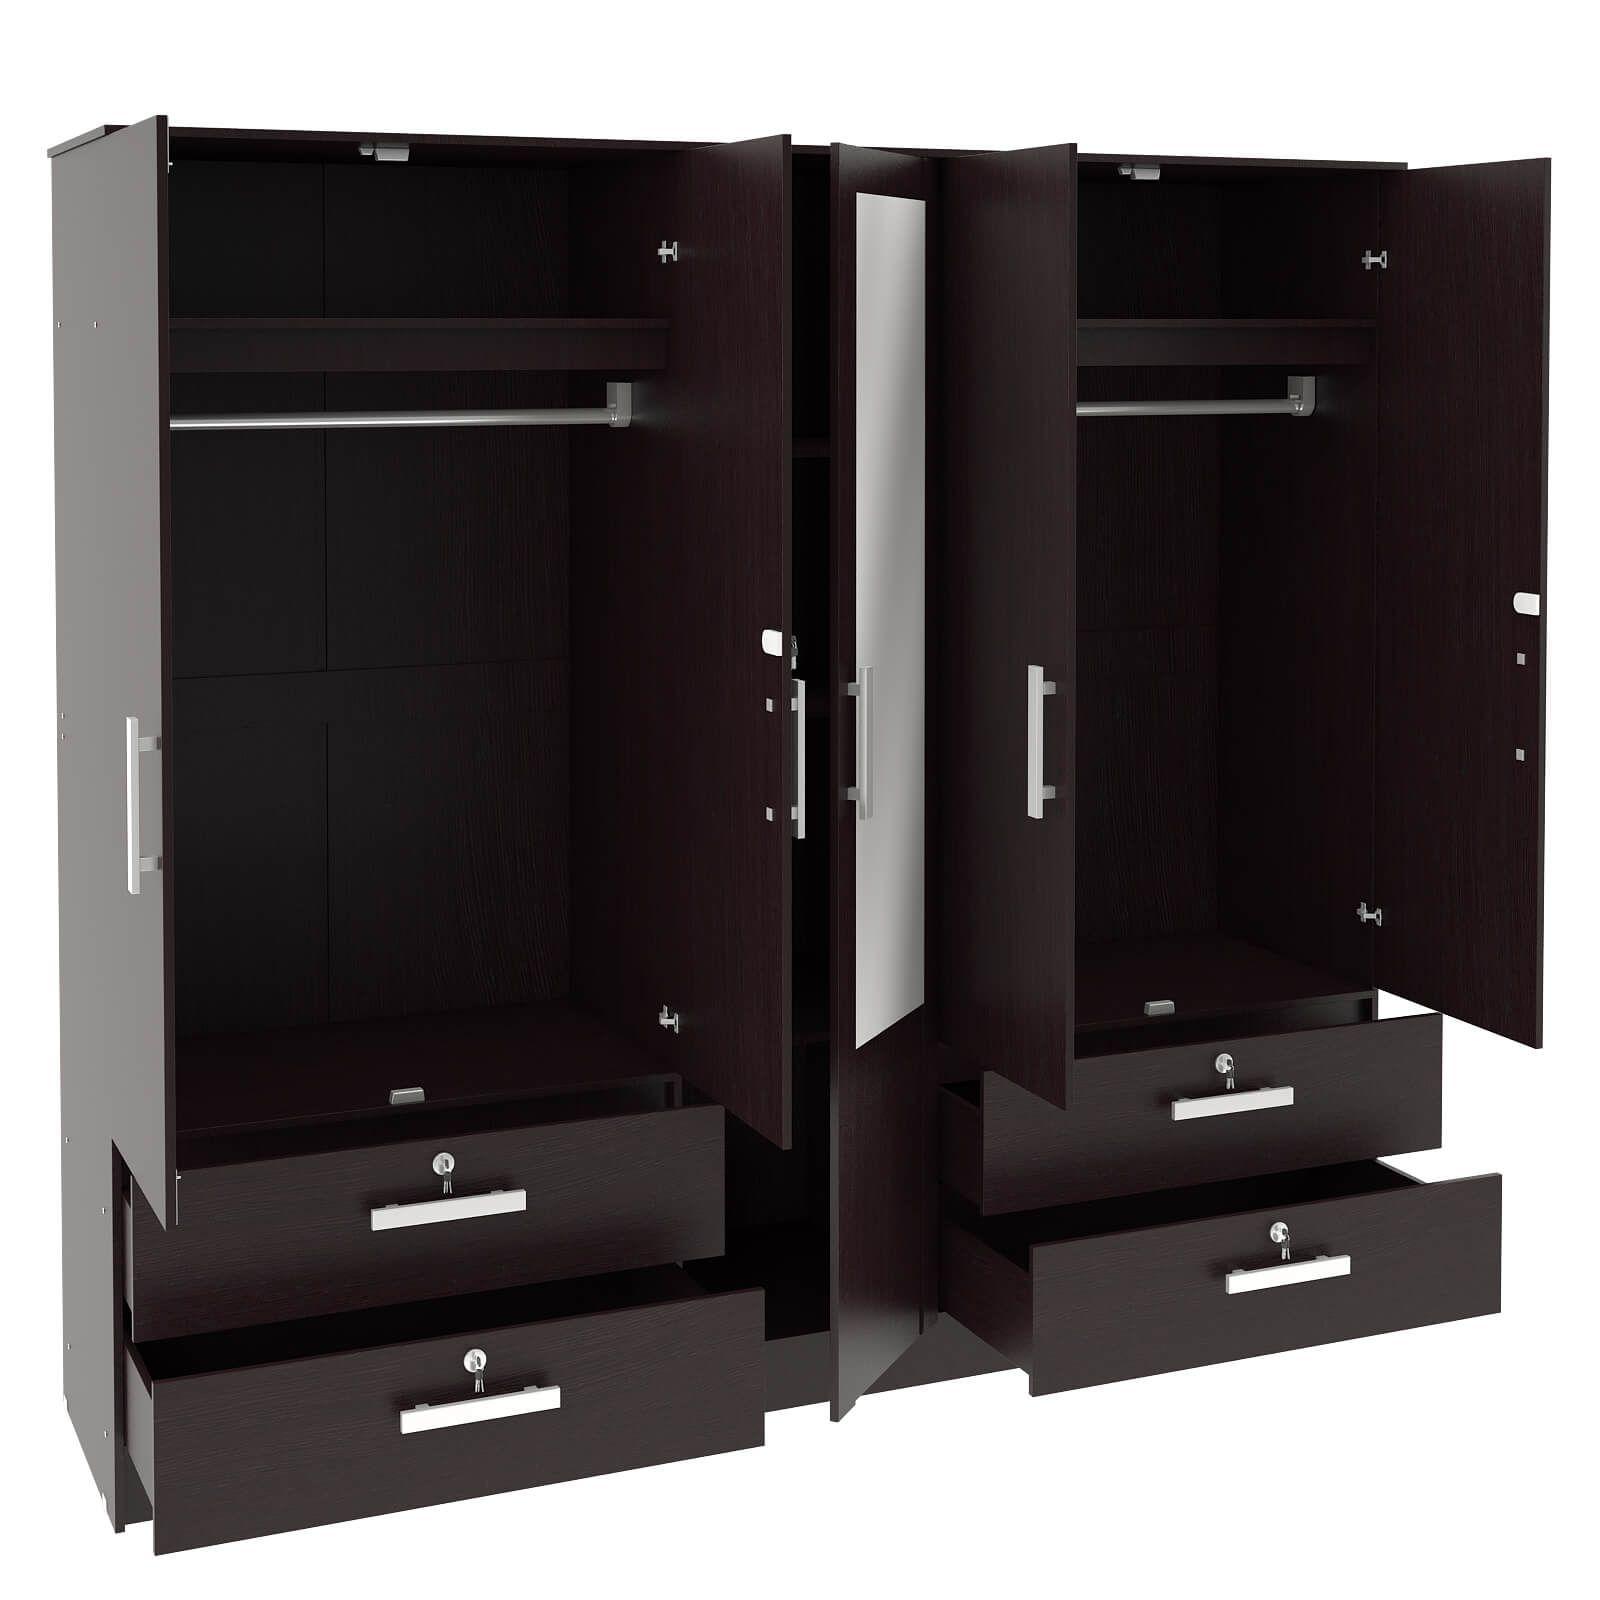 Housefull Bloom 5 Door Wardrobe Buy line at Best Price in India